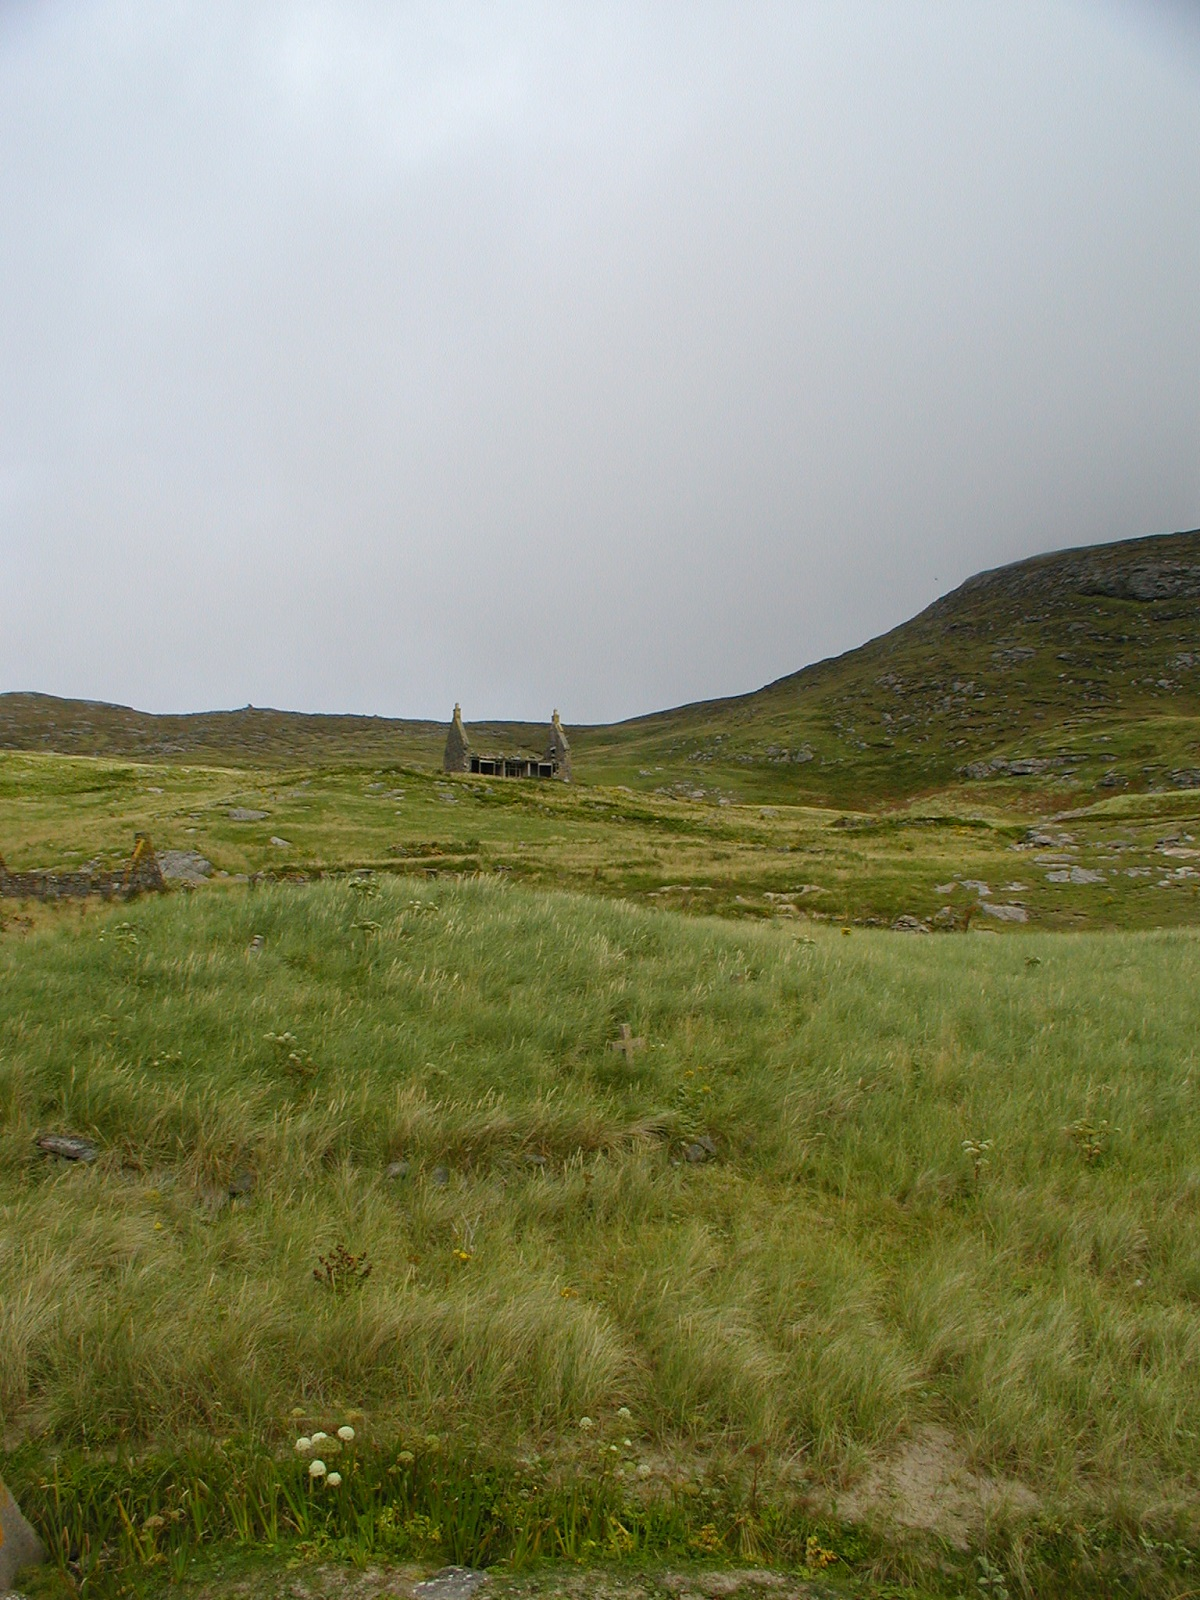 MIngualy ruin in grasslands